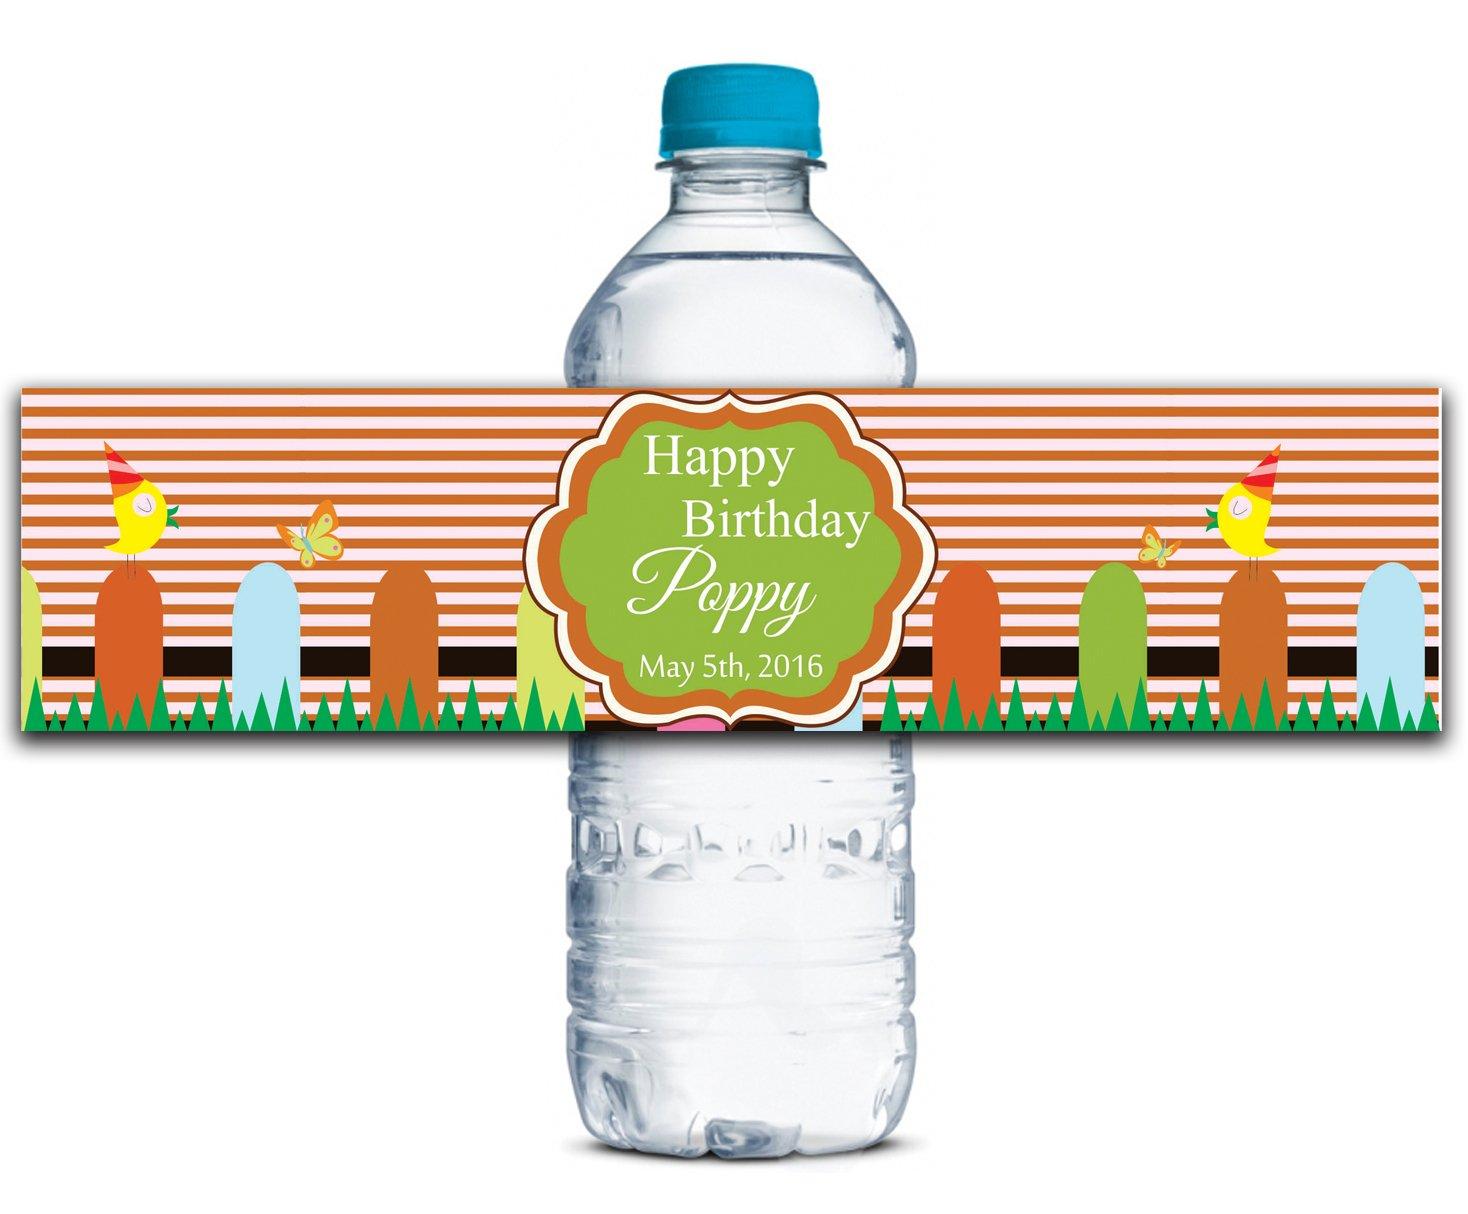 Kundenspezifische Geburtstags-Aufkleber Personalisierte Wasserflasche Etiketten Selbstklebende wasserdichte wasserdichte wasserdichte 8  x 2  Zoll - 50 Etiketten B01A0W4YDQ | Um Zuerst Unter ähnlichen Produkten Rang  03b42e